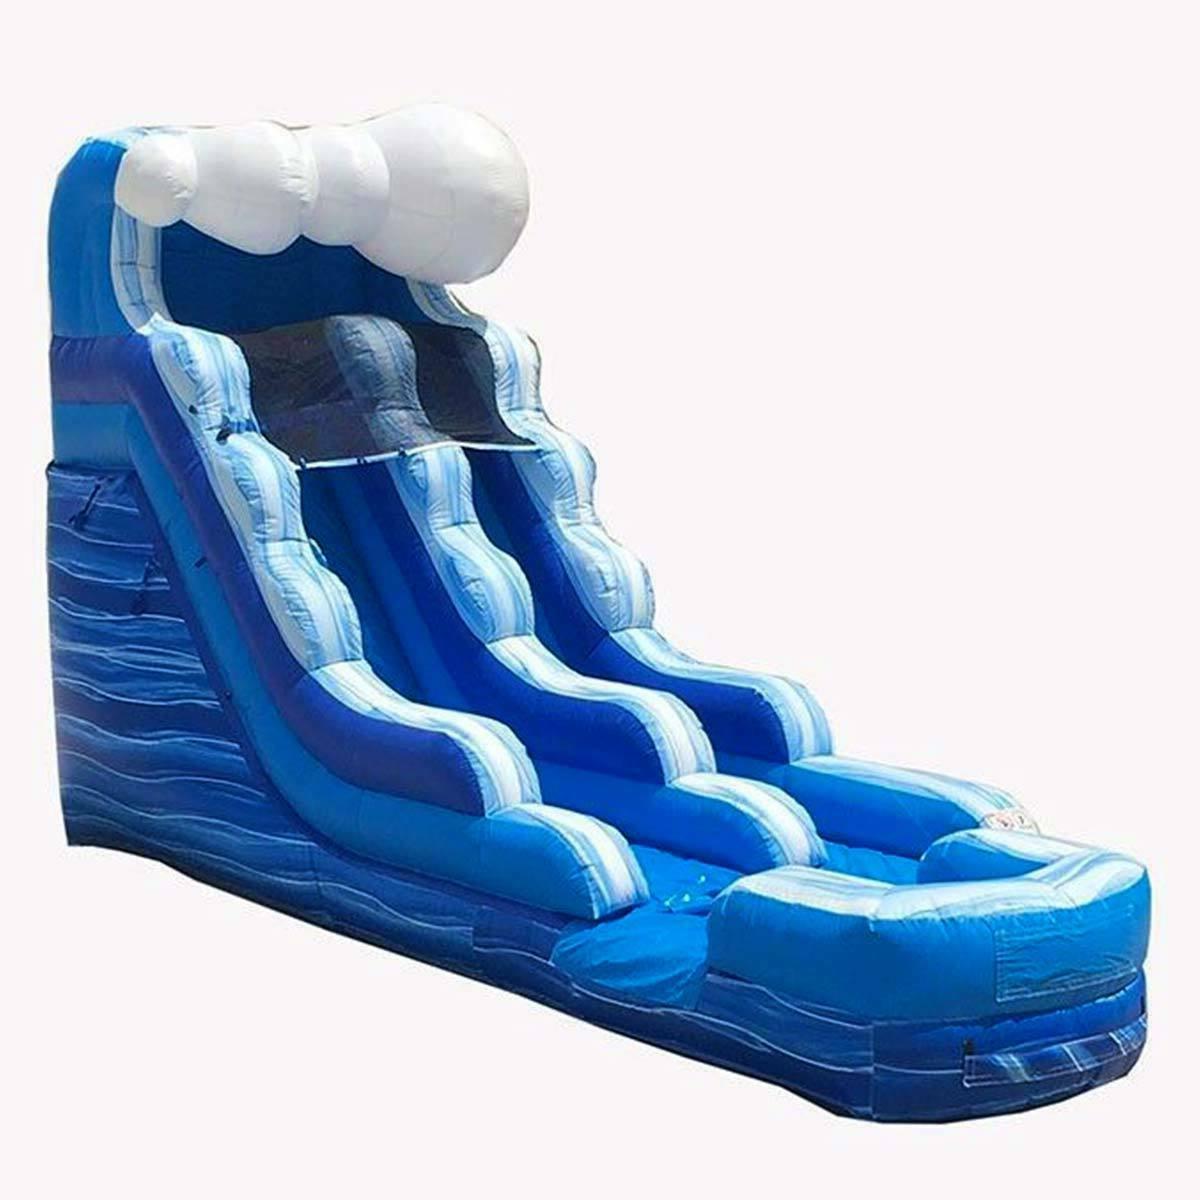 Commercial Slide Wet/Dry House Moonwalk